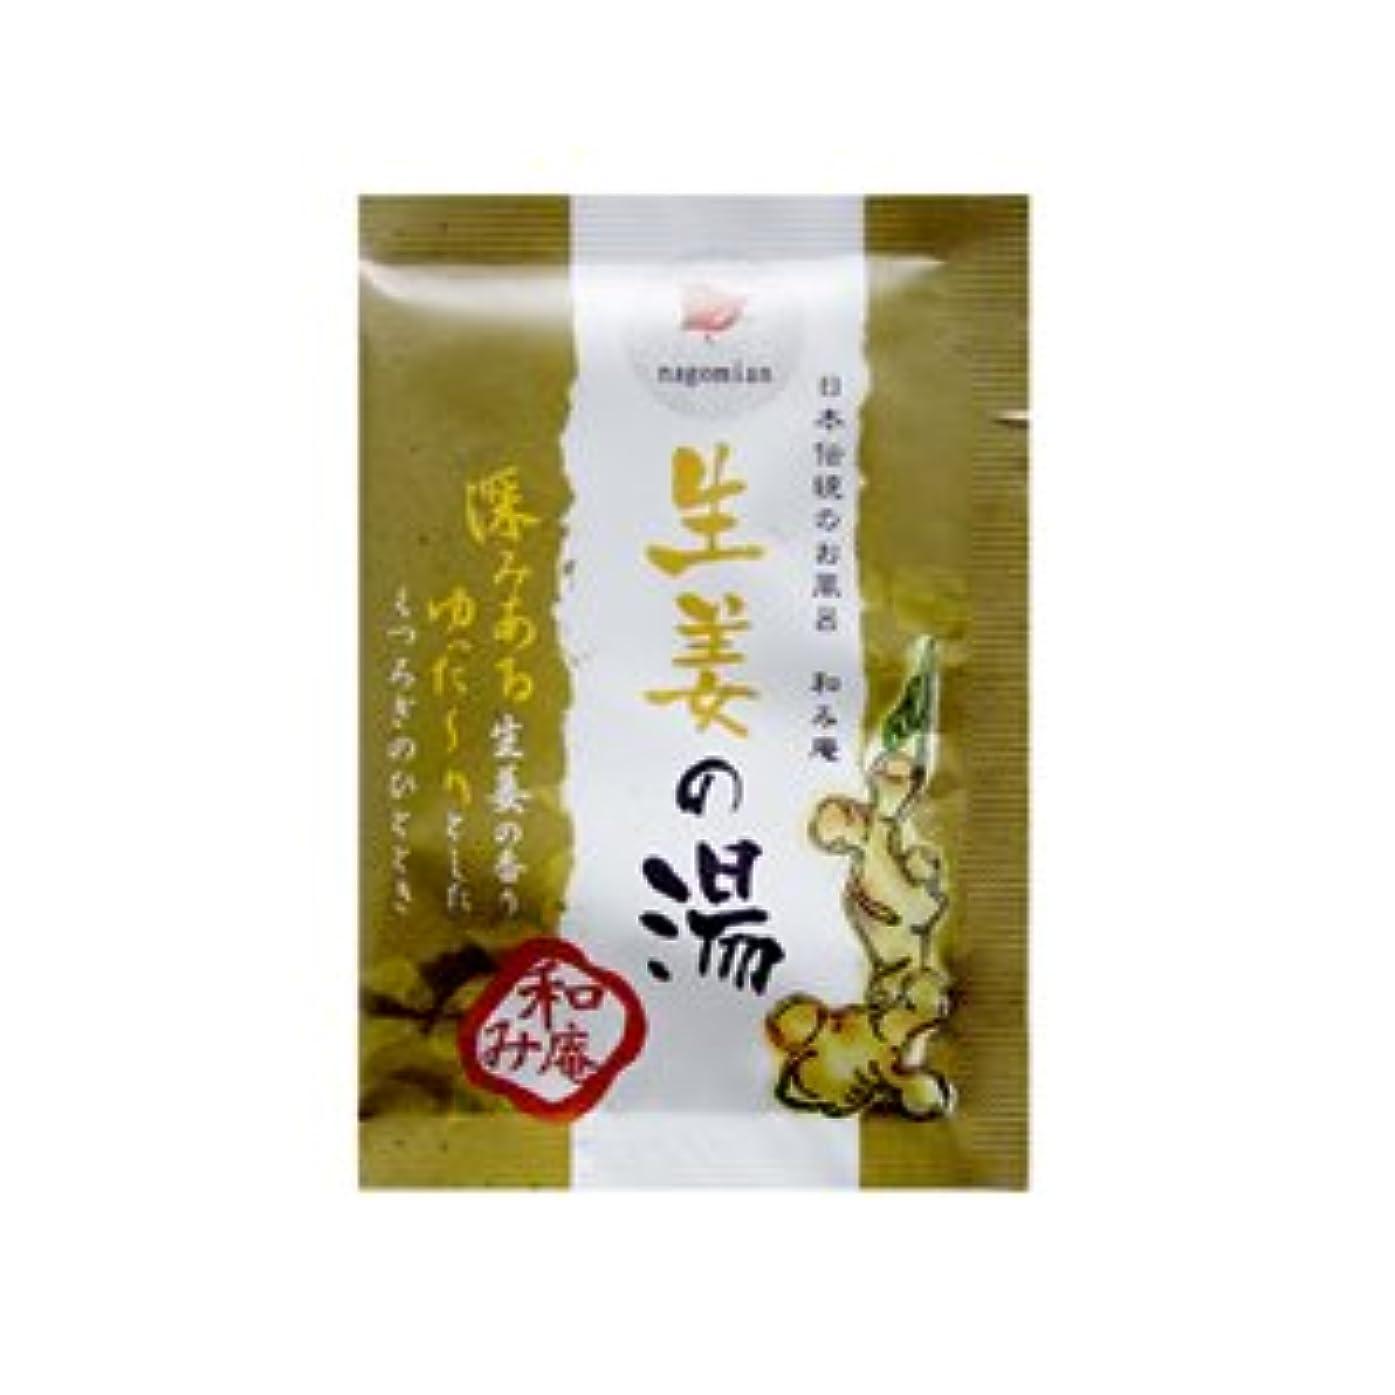 遠足ハロウィンメイド日本伝統のお風呂 和み庵 生姜の湯 25g 10個セット